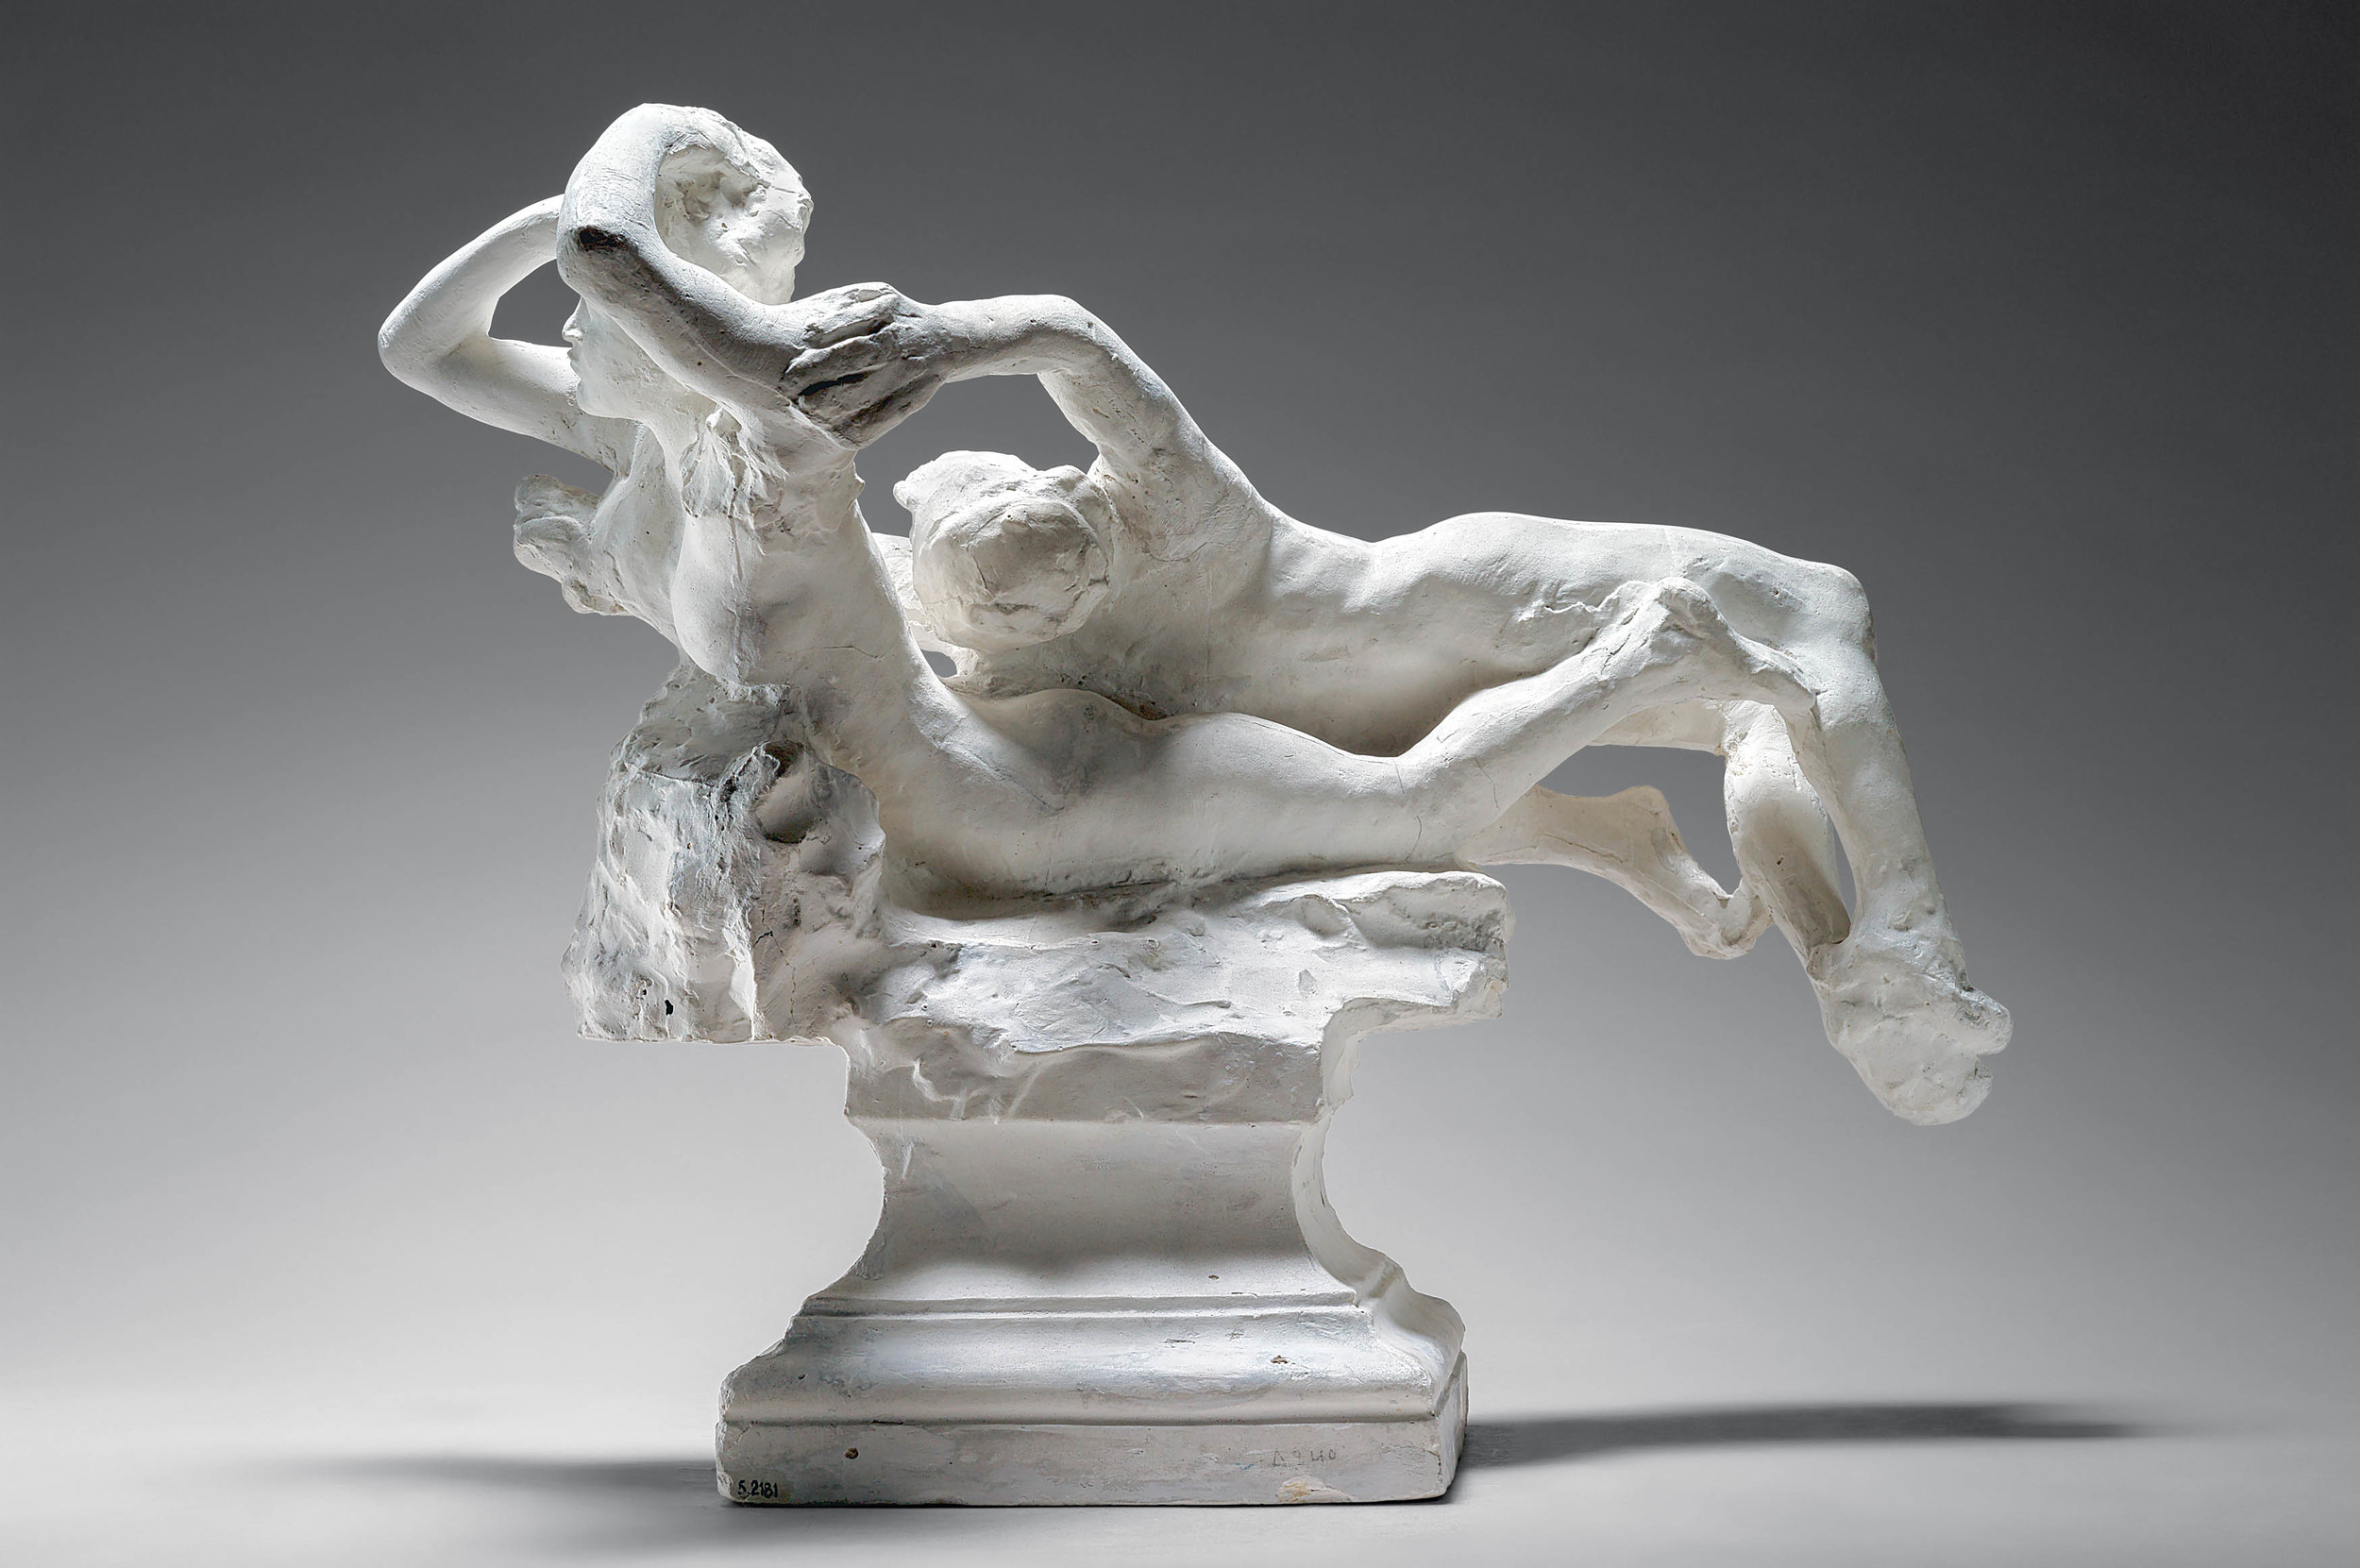 Auguste Rodin. Fugit Amor, about 1887. Plaster. Musée Rodin, Paris, S.2181.